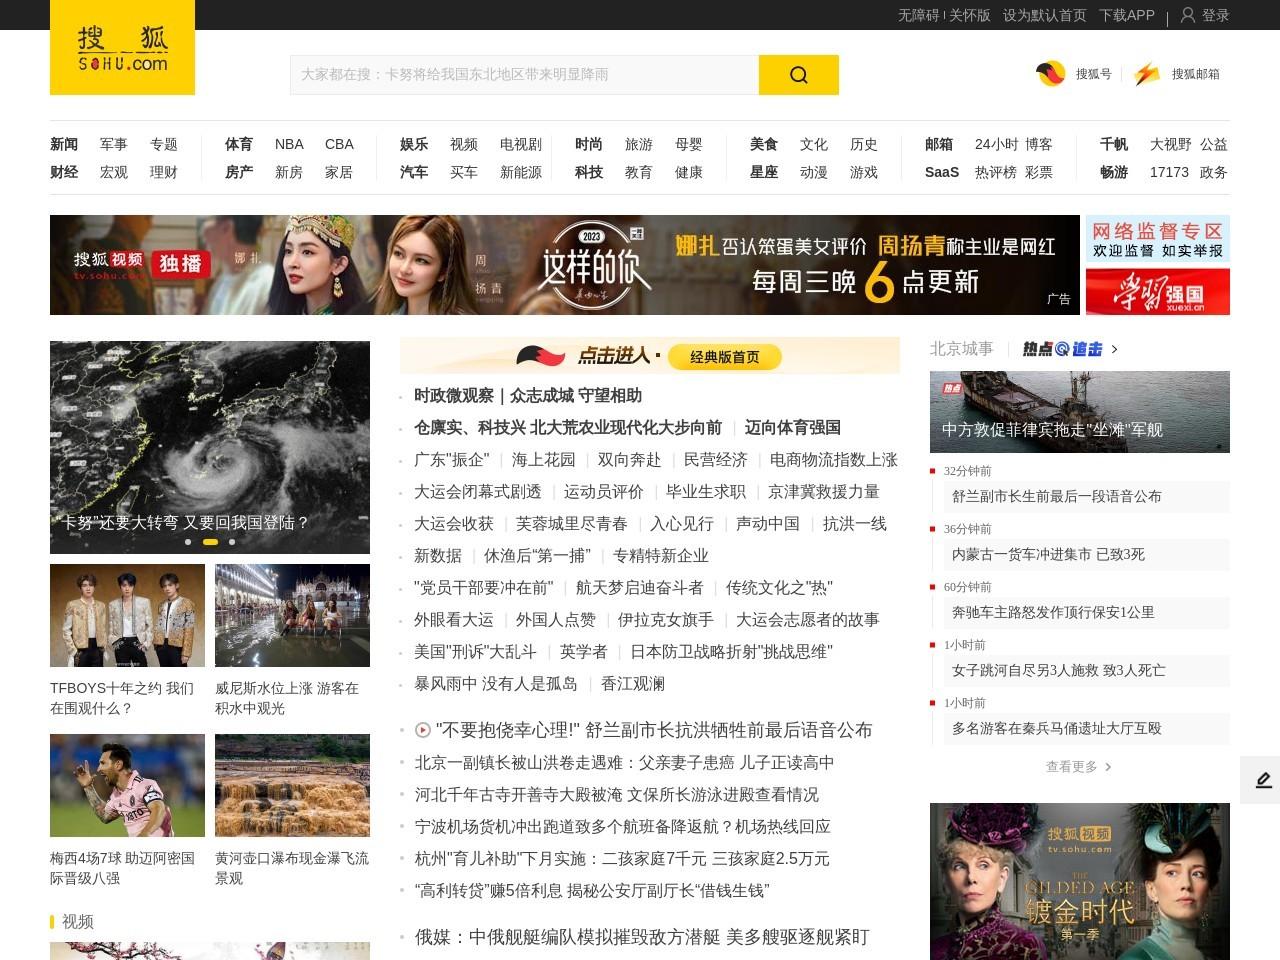 起亚全新K8内饰实拍!升级一体大屏/配置更豪华_搜狐汽车_搜狐网